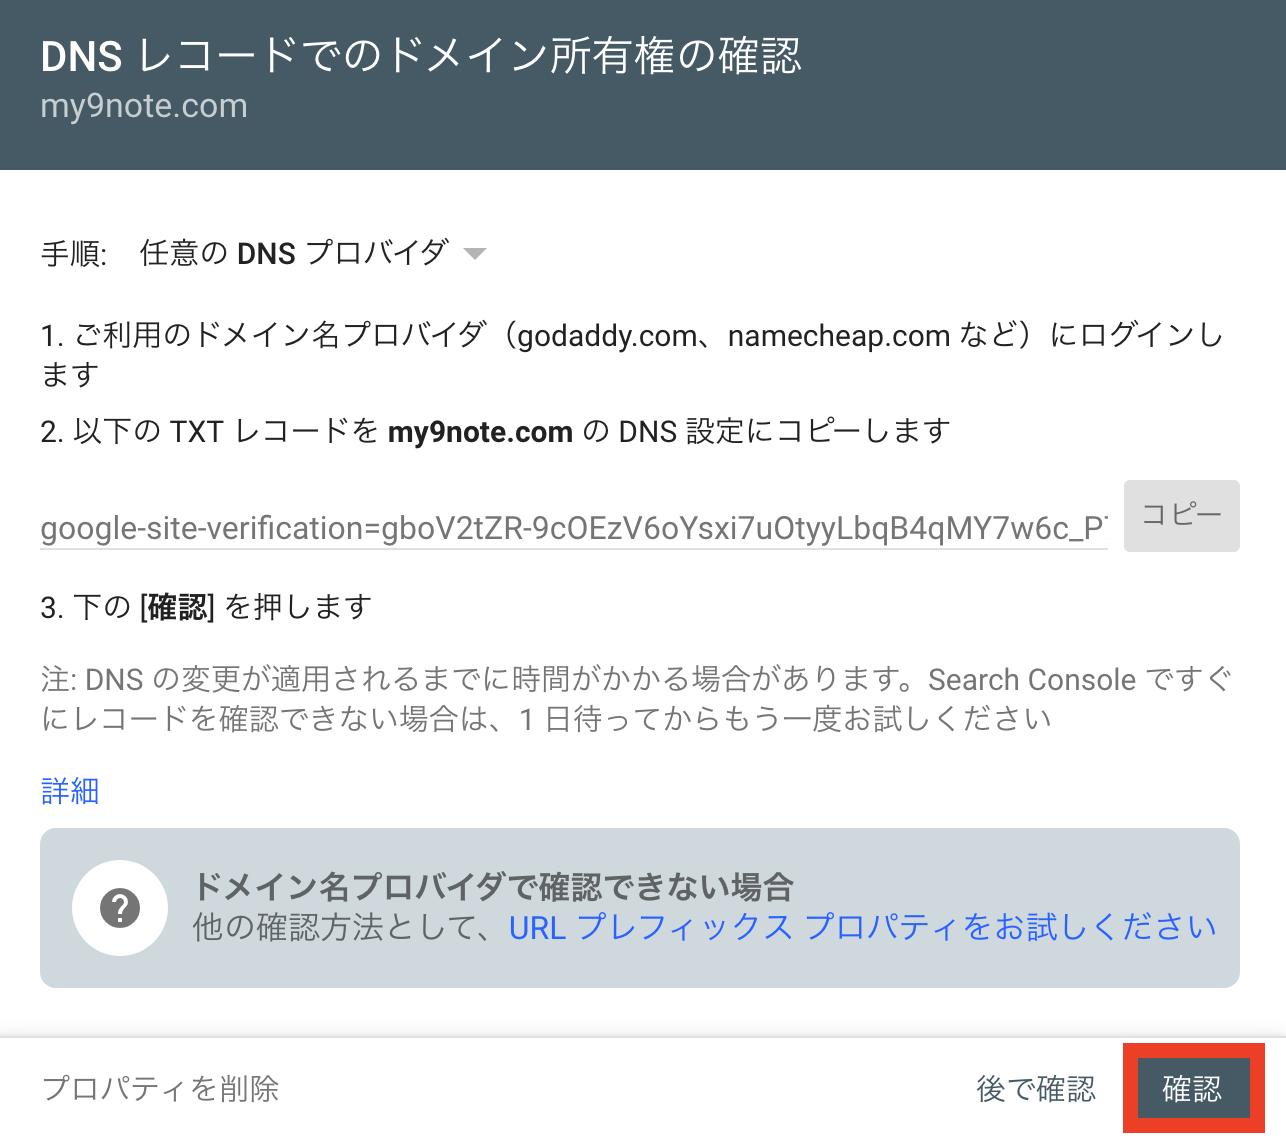 スクリーンショット 2020-05-21 20.11.49